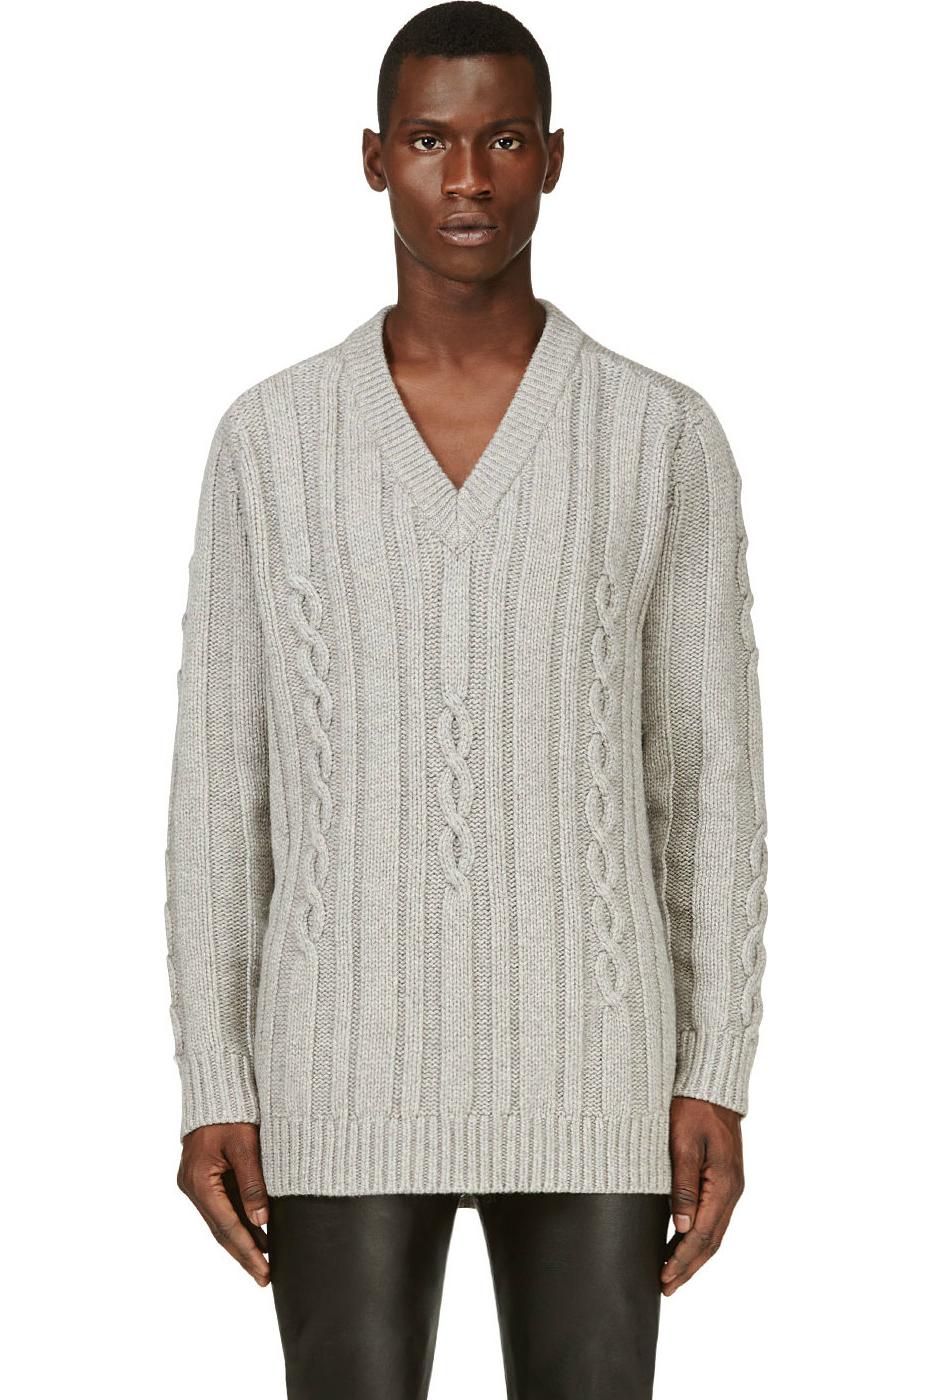 Мужской серый зимний свитер с косами крупной вязки, Maison Martin Margiela